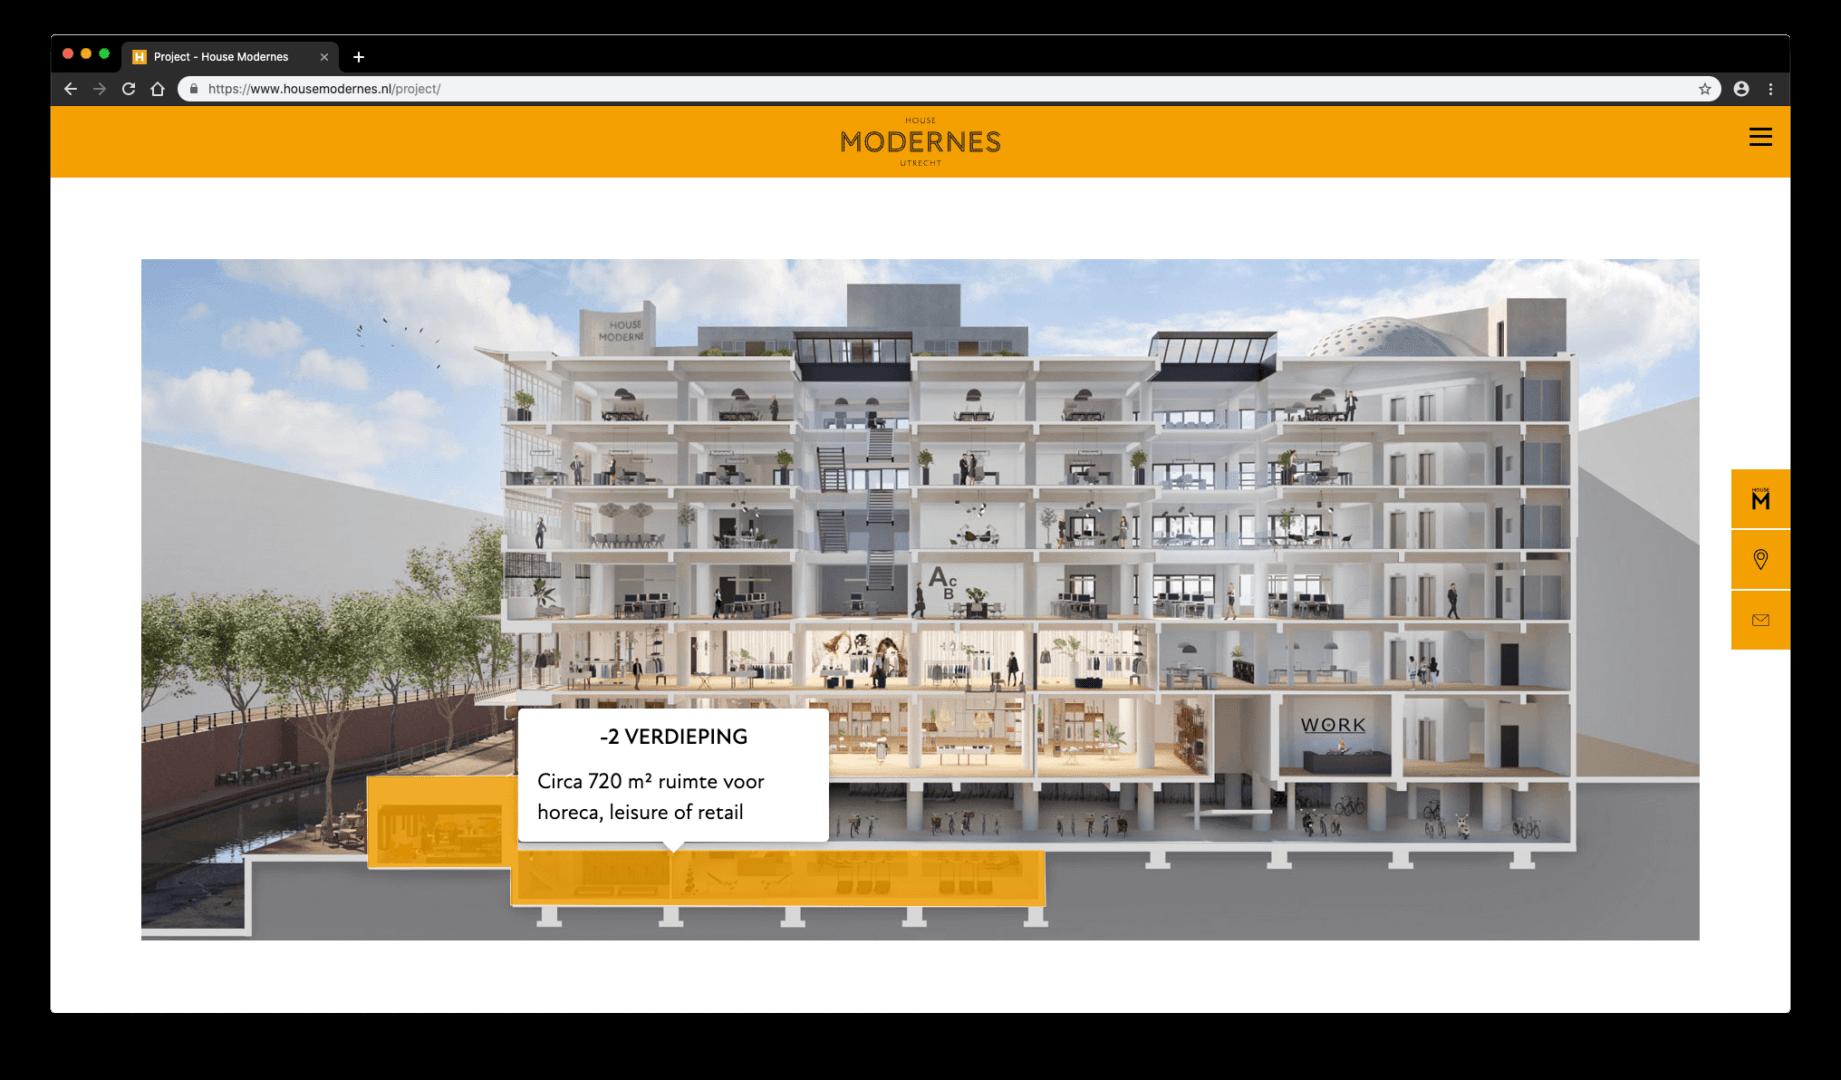 Interactieve Doorsnede - House Modernes - yoreM Verovert Online